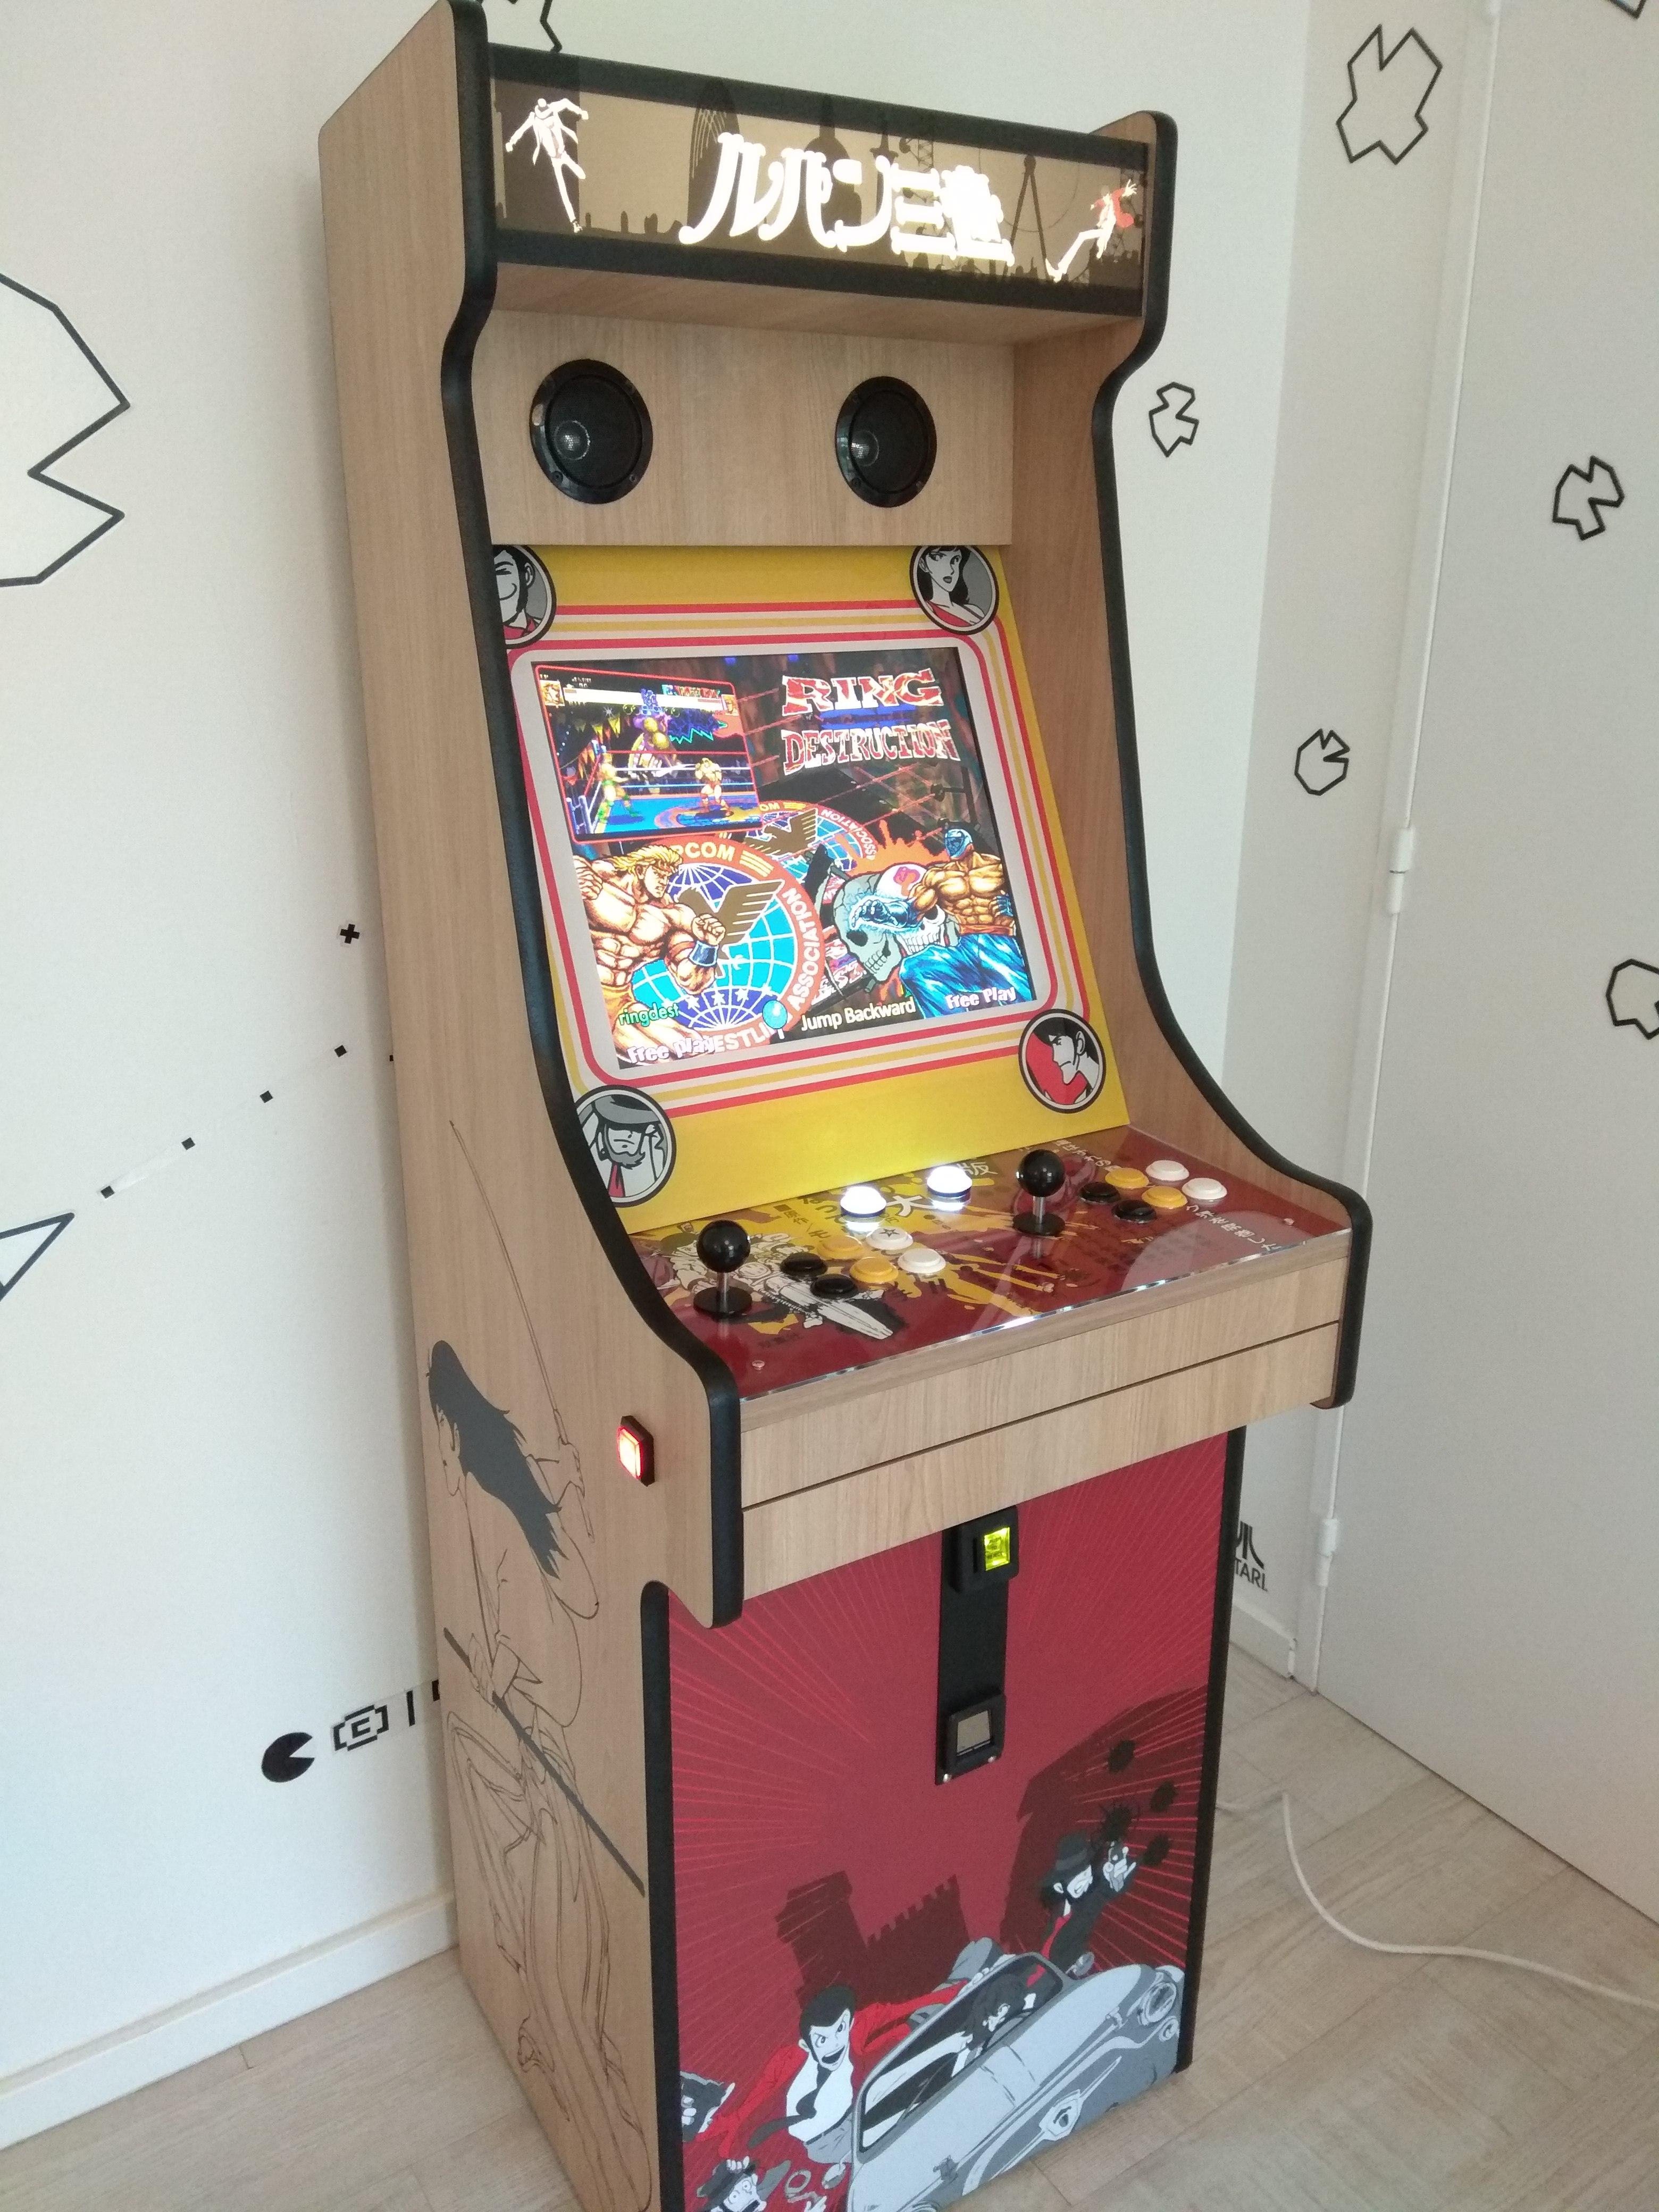 La Borne arcade Lupin